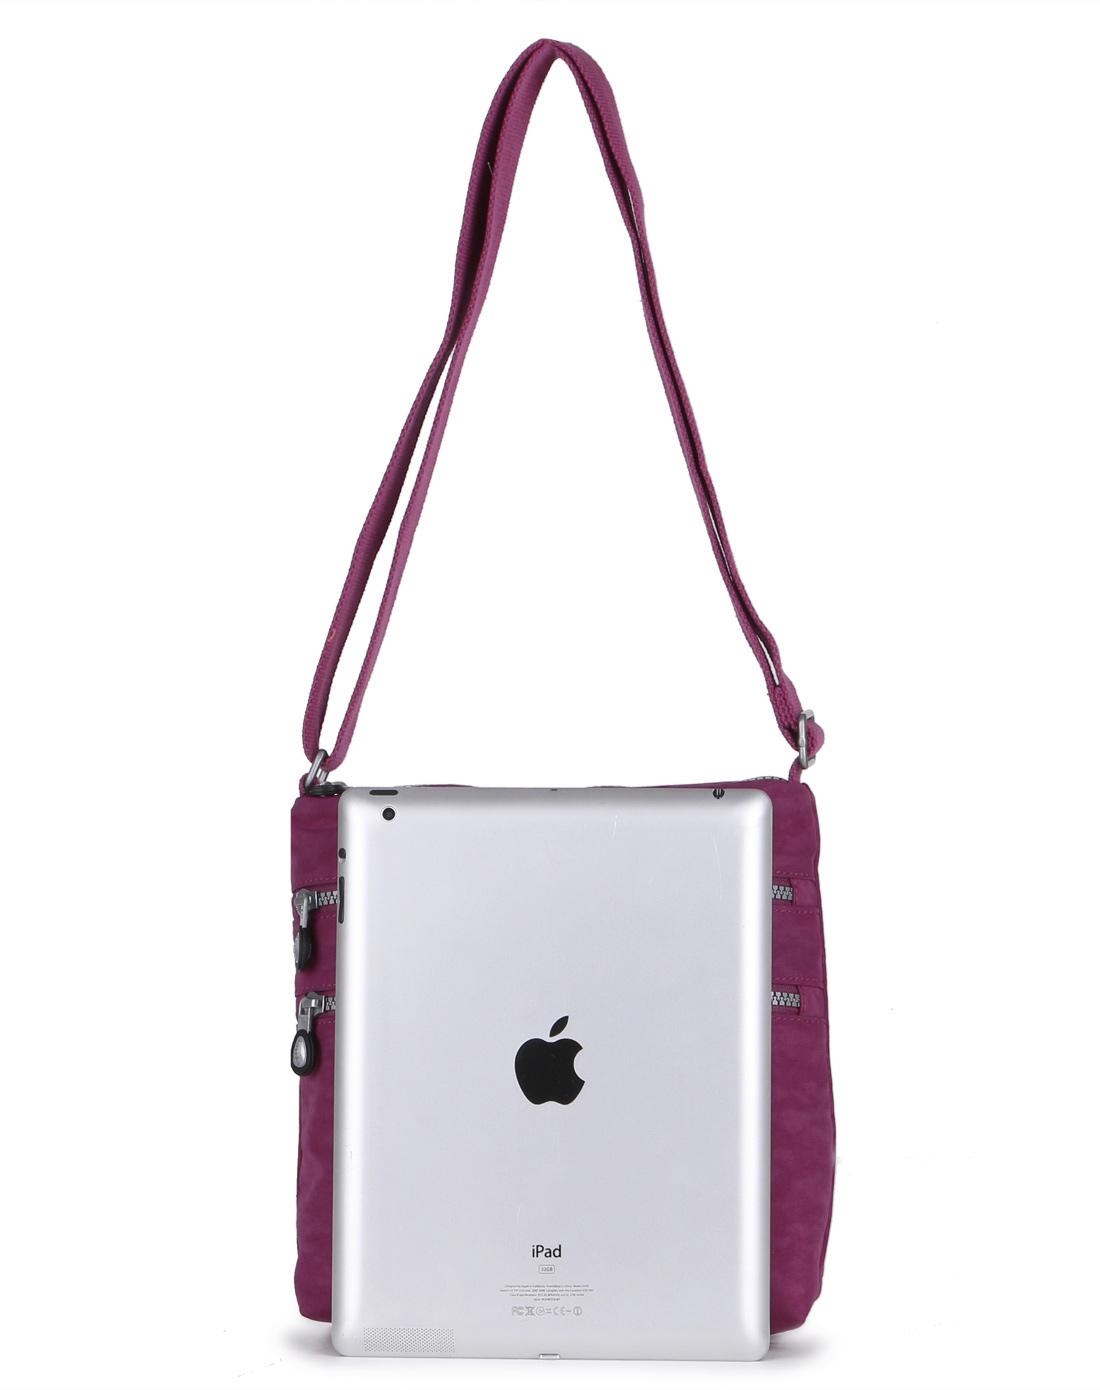 法姿frazzil女款紫红纯色斜挎包w10471